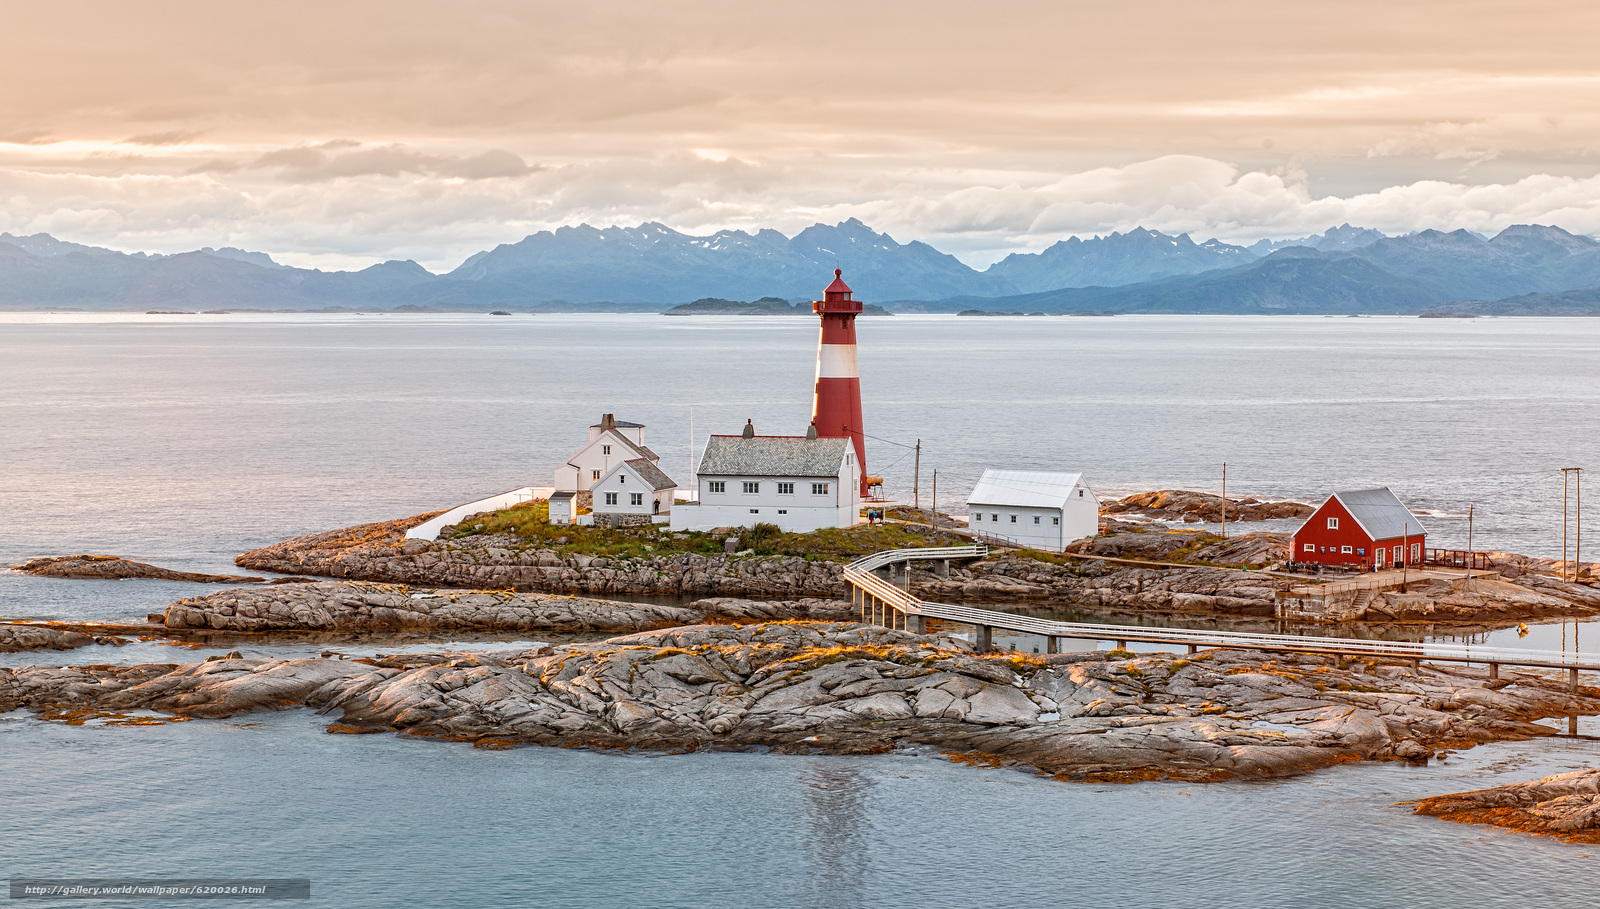 норвегия, маяк, скалы, пейзаж